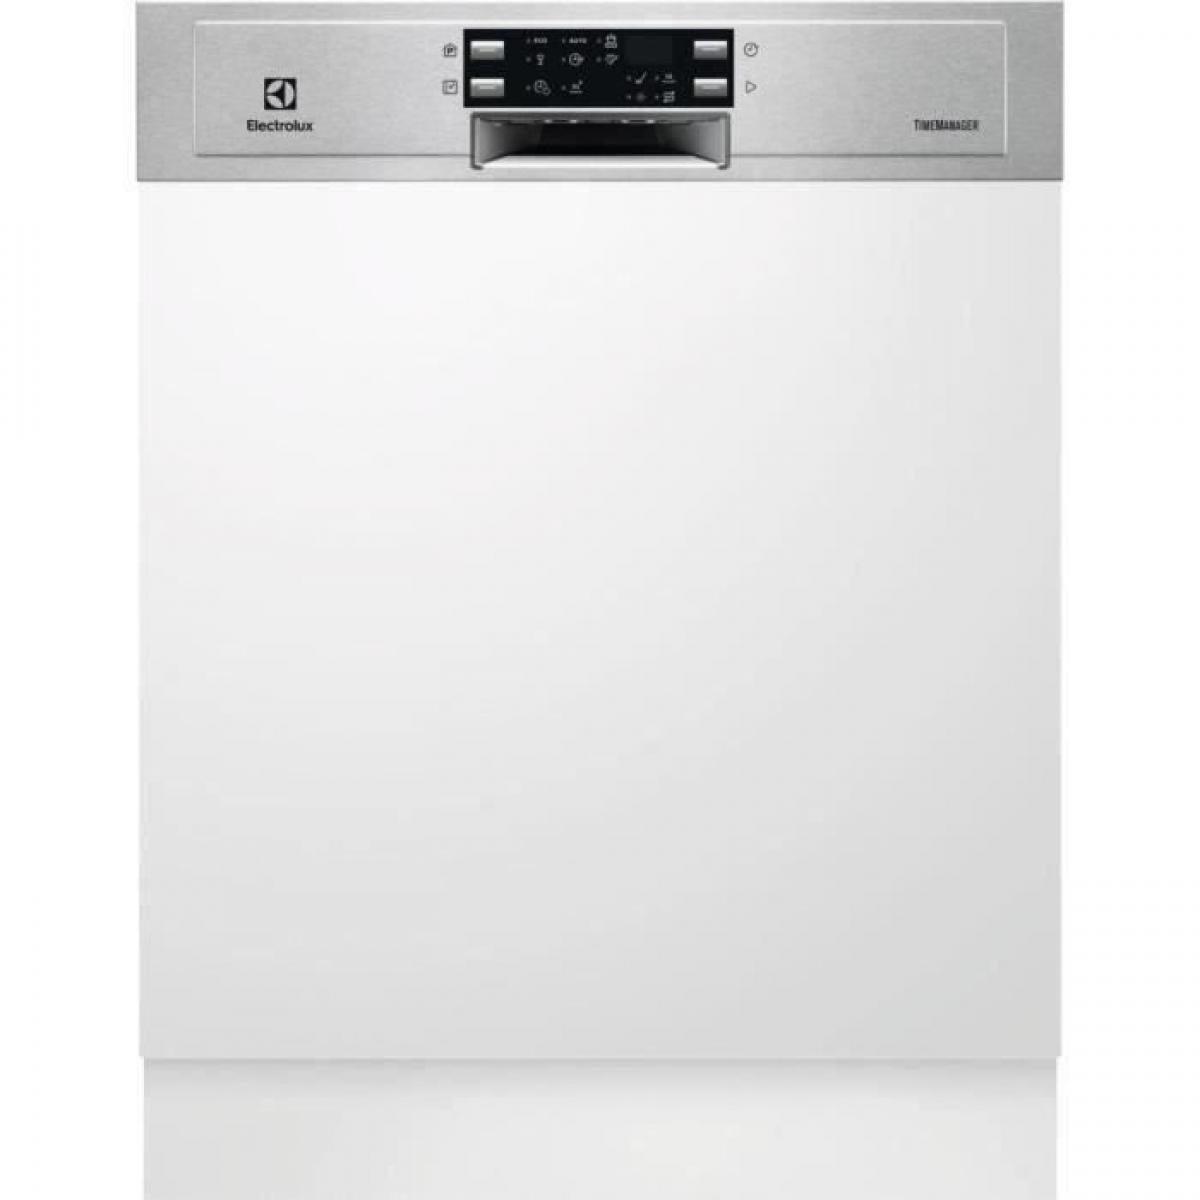 Electrolux Lave-vaisselle encastrable ELECTROLUX ESI5545LOX - 13 couverts - Largeur 60 cm - Classe A+++ - 46 dB - Blanc